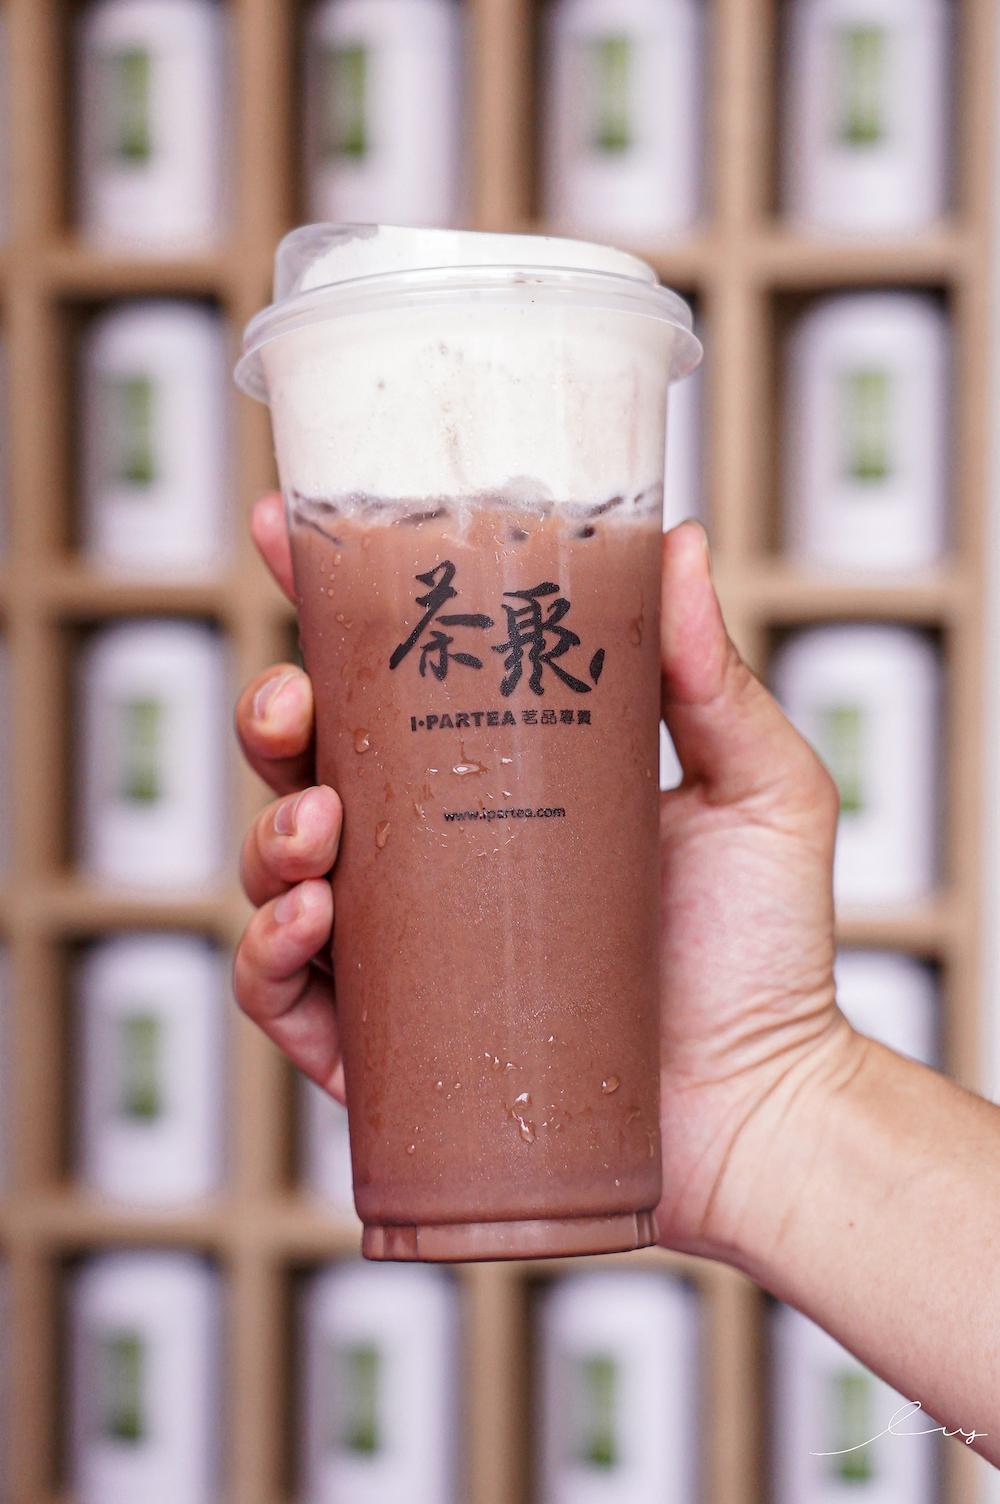 茶聚花壇學前店  彰化花壇美食,夏季必點夢幻紫色的踏雪尋莓,還有布丁寒天的熊貓奶茶!